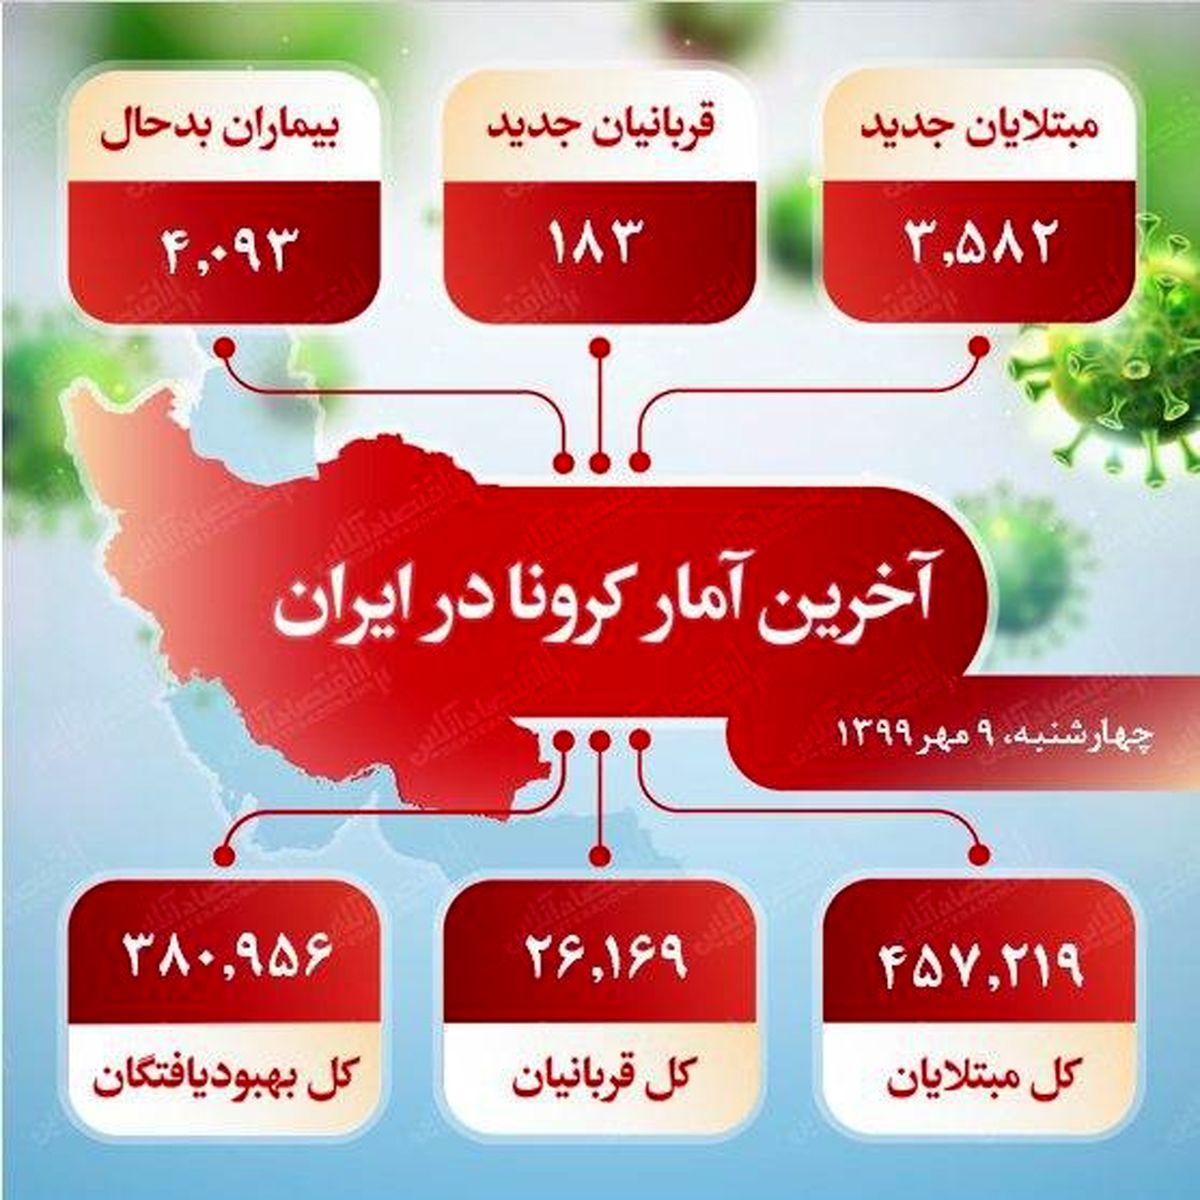 آخرین آمار کرونا در ایران (۱۳۹۹/۷/۹)